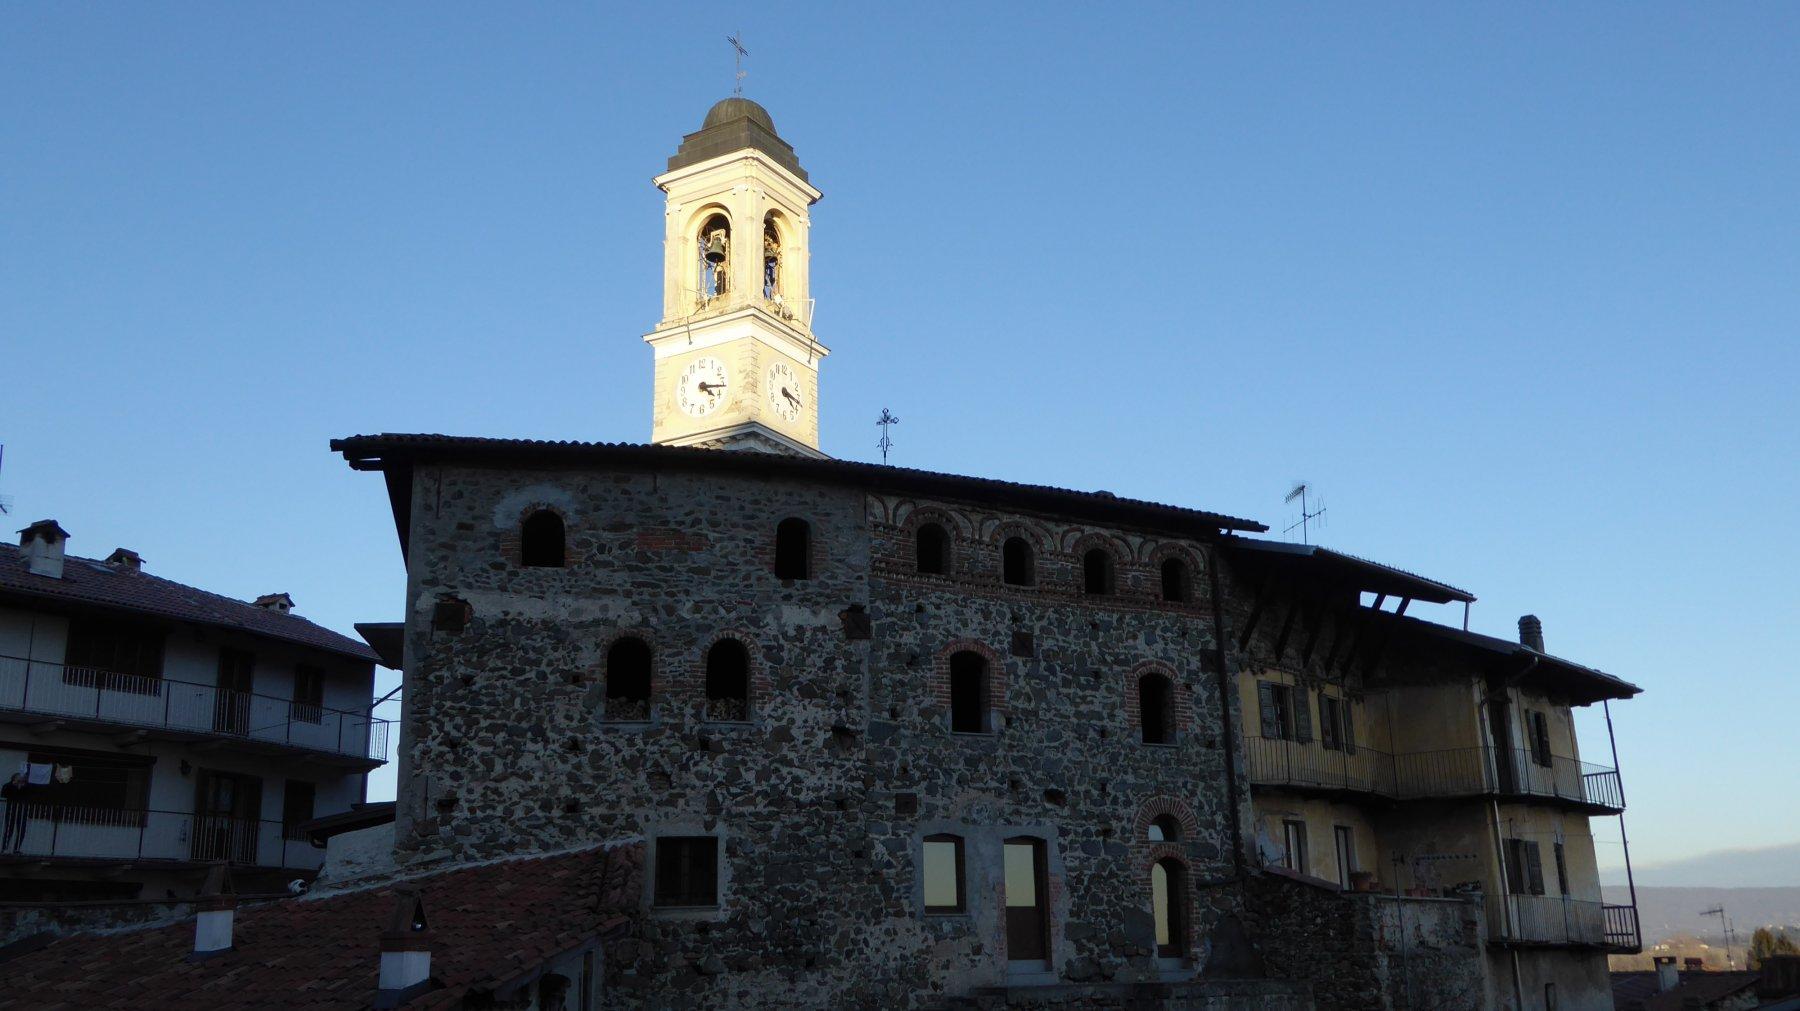 Al ritorno, ultimo sole sul campanile di Fiorano